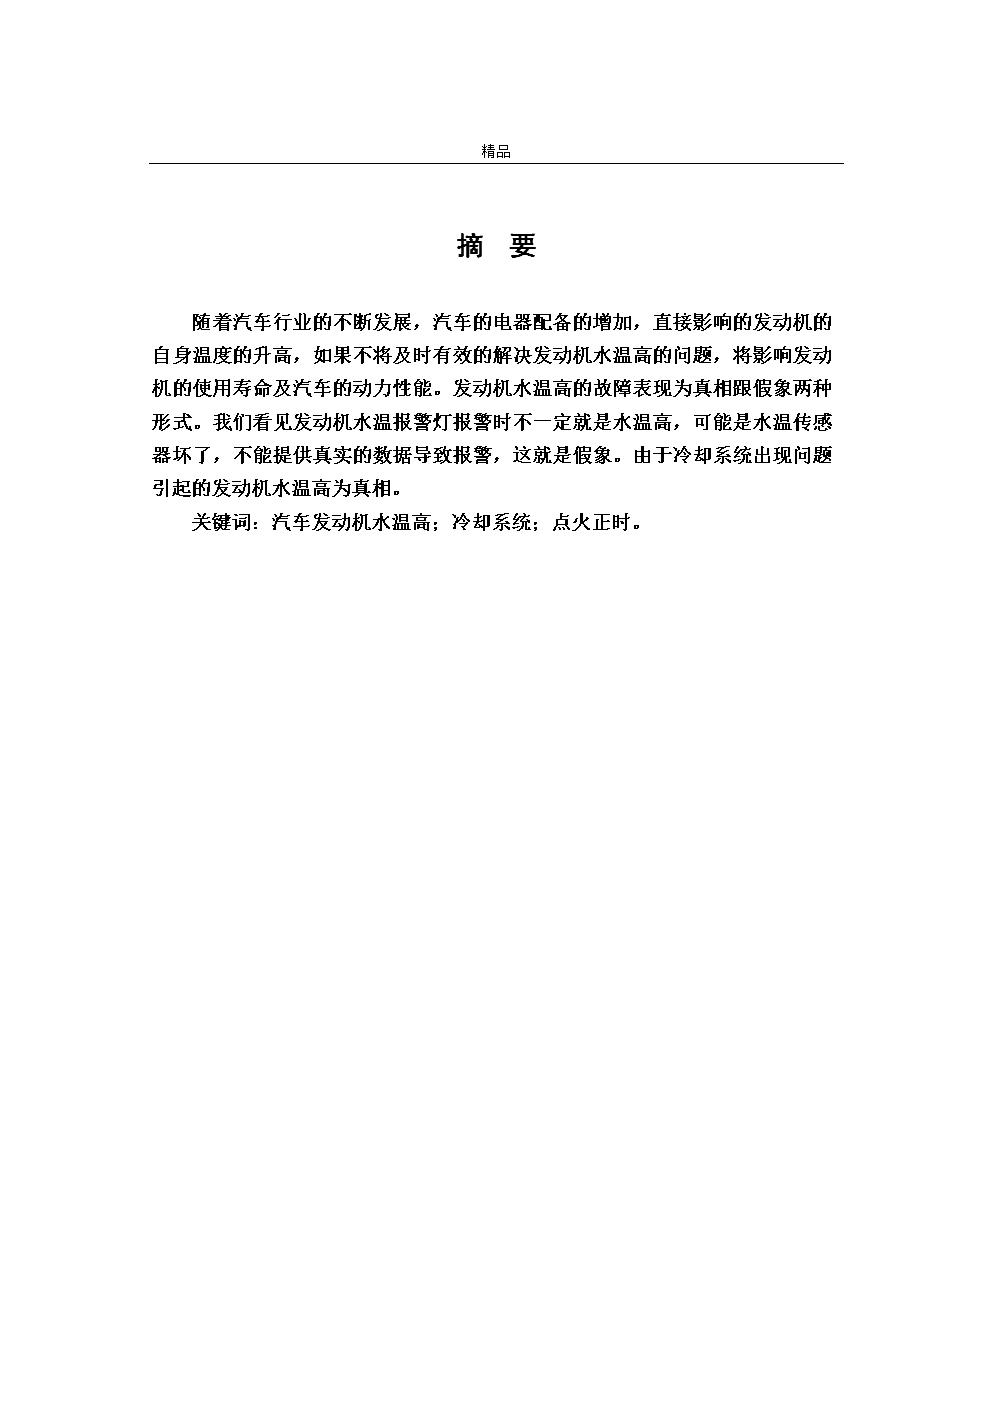 发动机水温高及故障解决措施-毕业论文(设计).doc